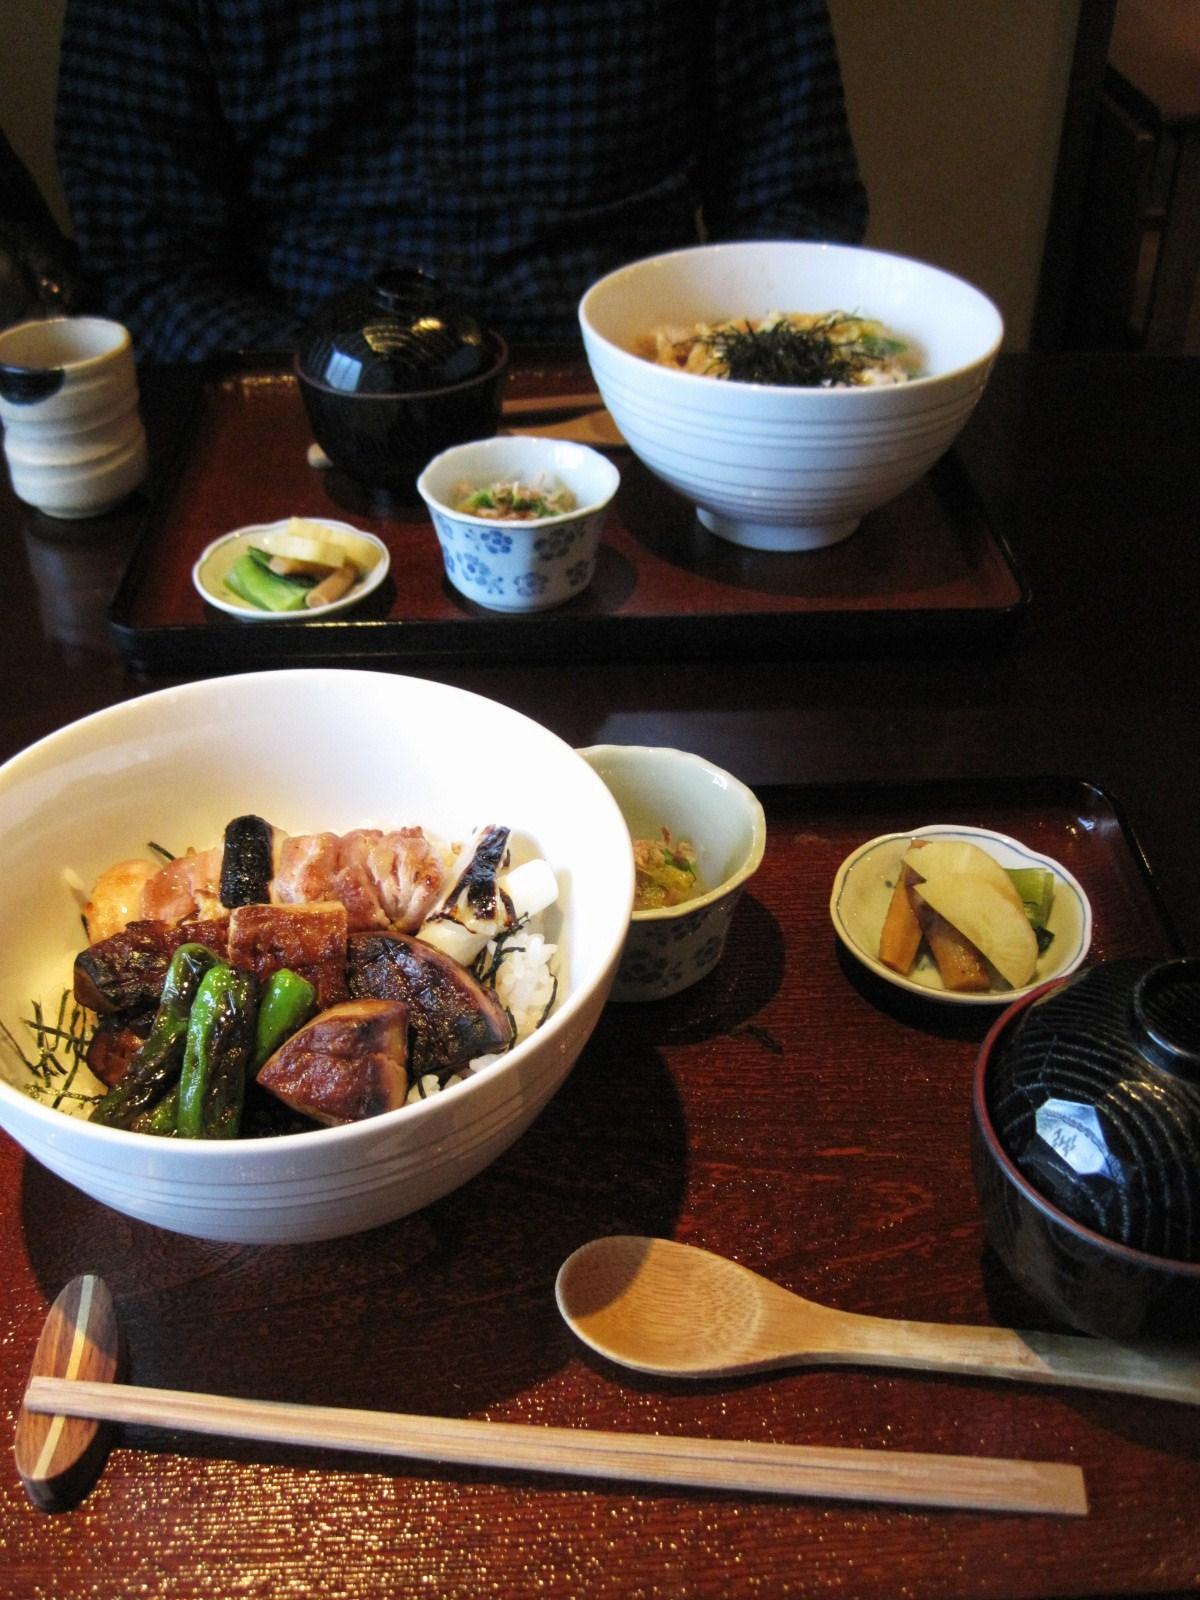 炭火焼鳥・こみやま 『フォアグラ丼』 @旧軽井沢_f0236260_21221421.jpg